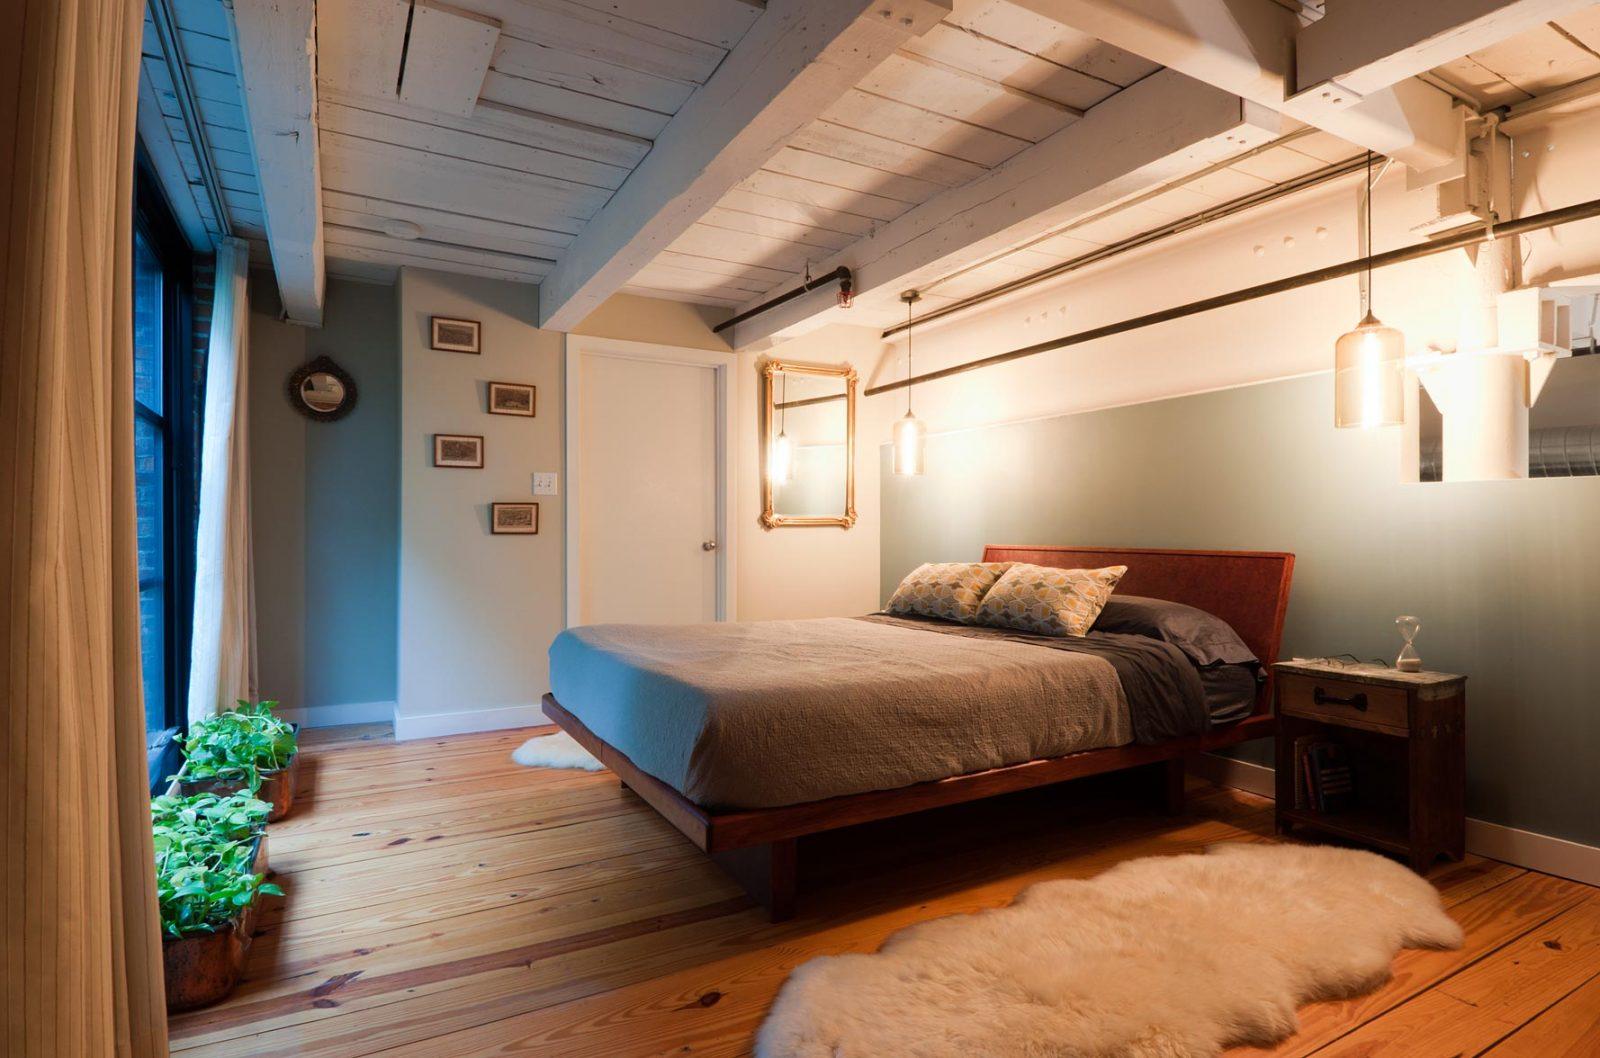 dormitorio con techos de madera im genes y fotos